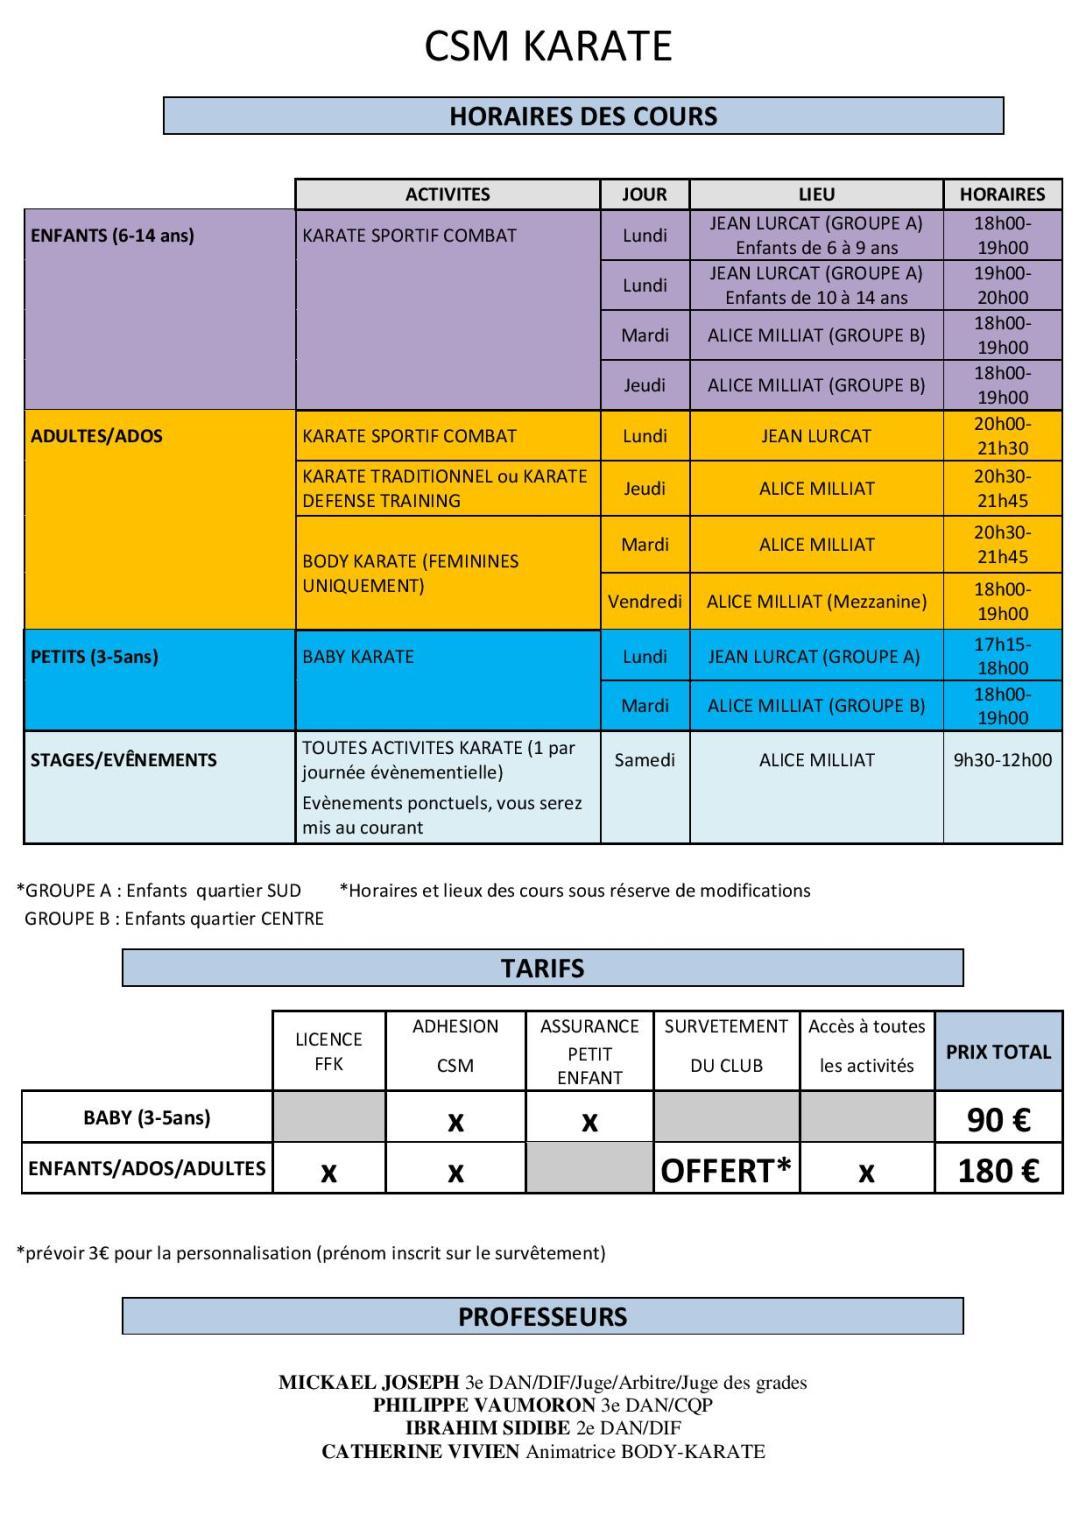 FICHE TARIFAIRE HORAIRES DES COURS (1)-page-001 (1)